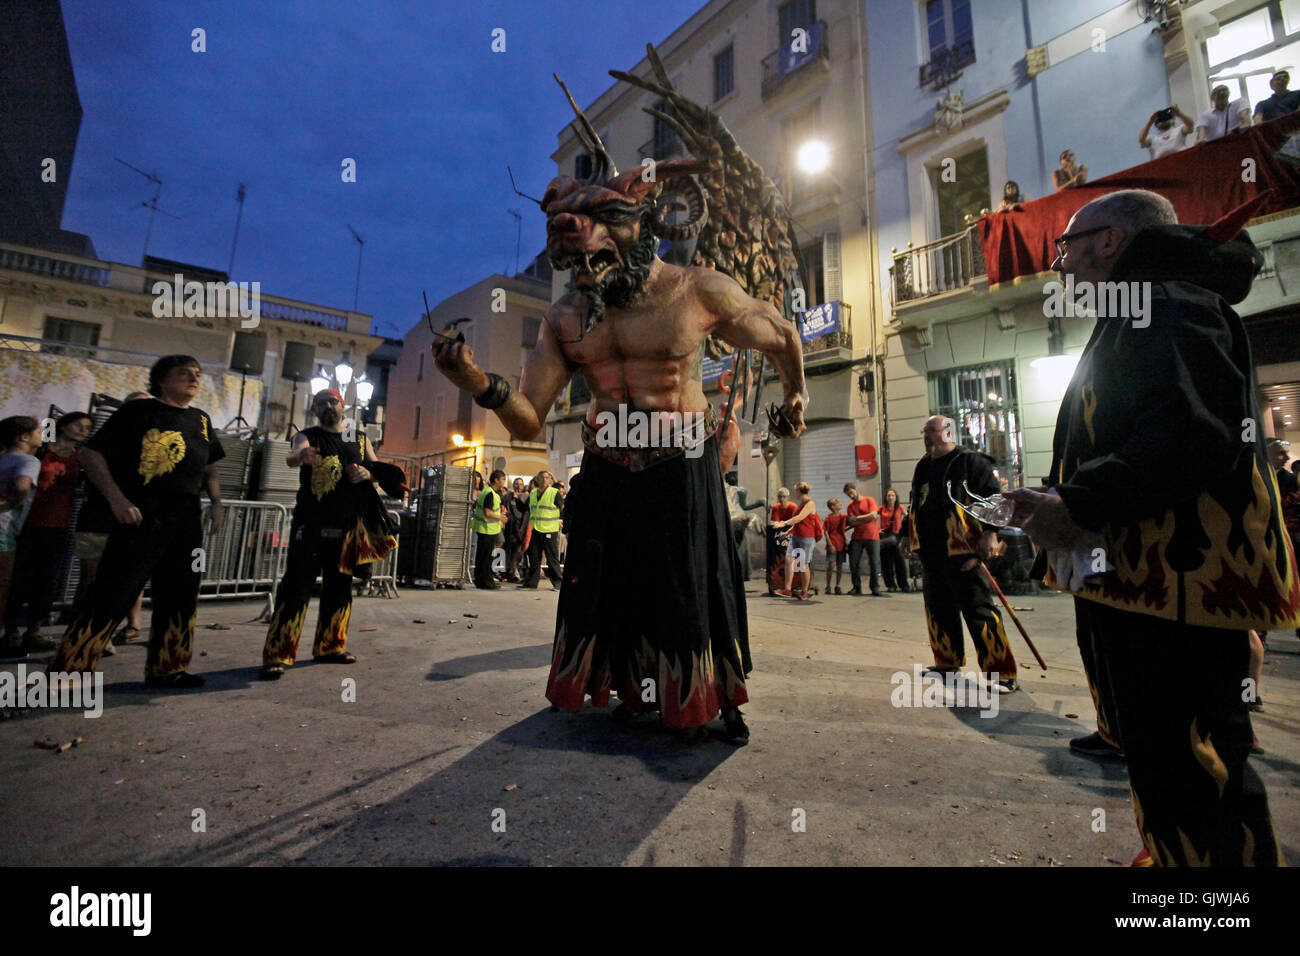 Barcellona, Spagna. 17 Ago, 2016. Festeggiamenti presso la Plaça de la Vila de Gràcia durante la Festa Immagini Stock